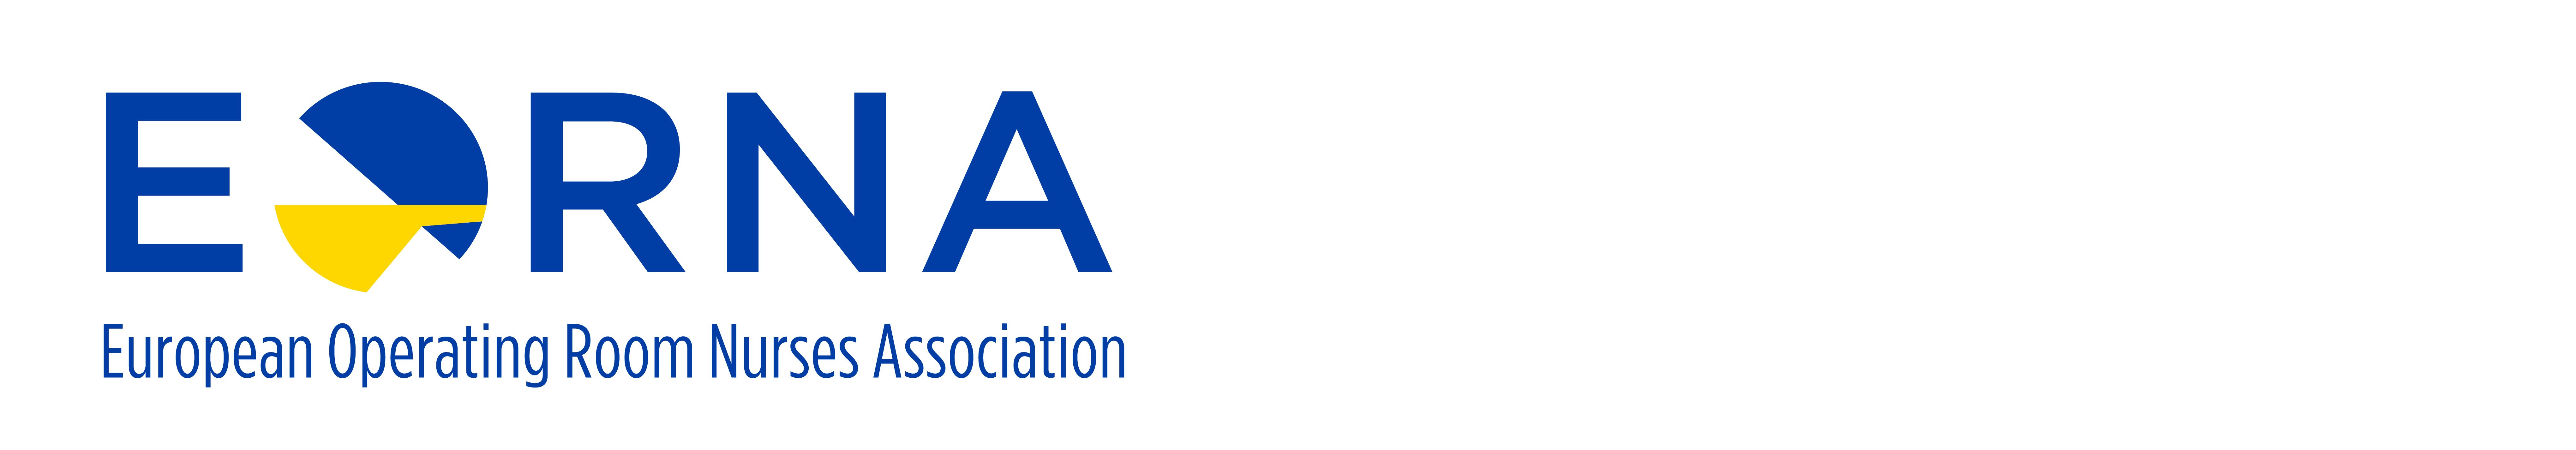 EORNA ASSOCIATION